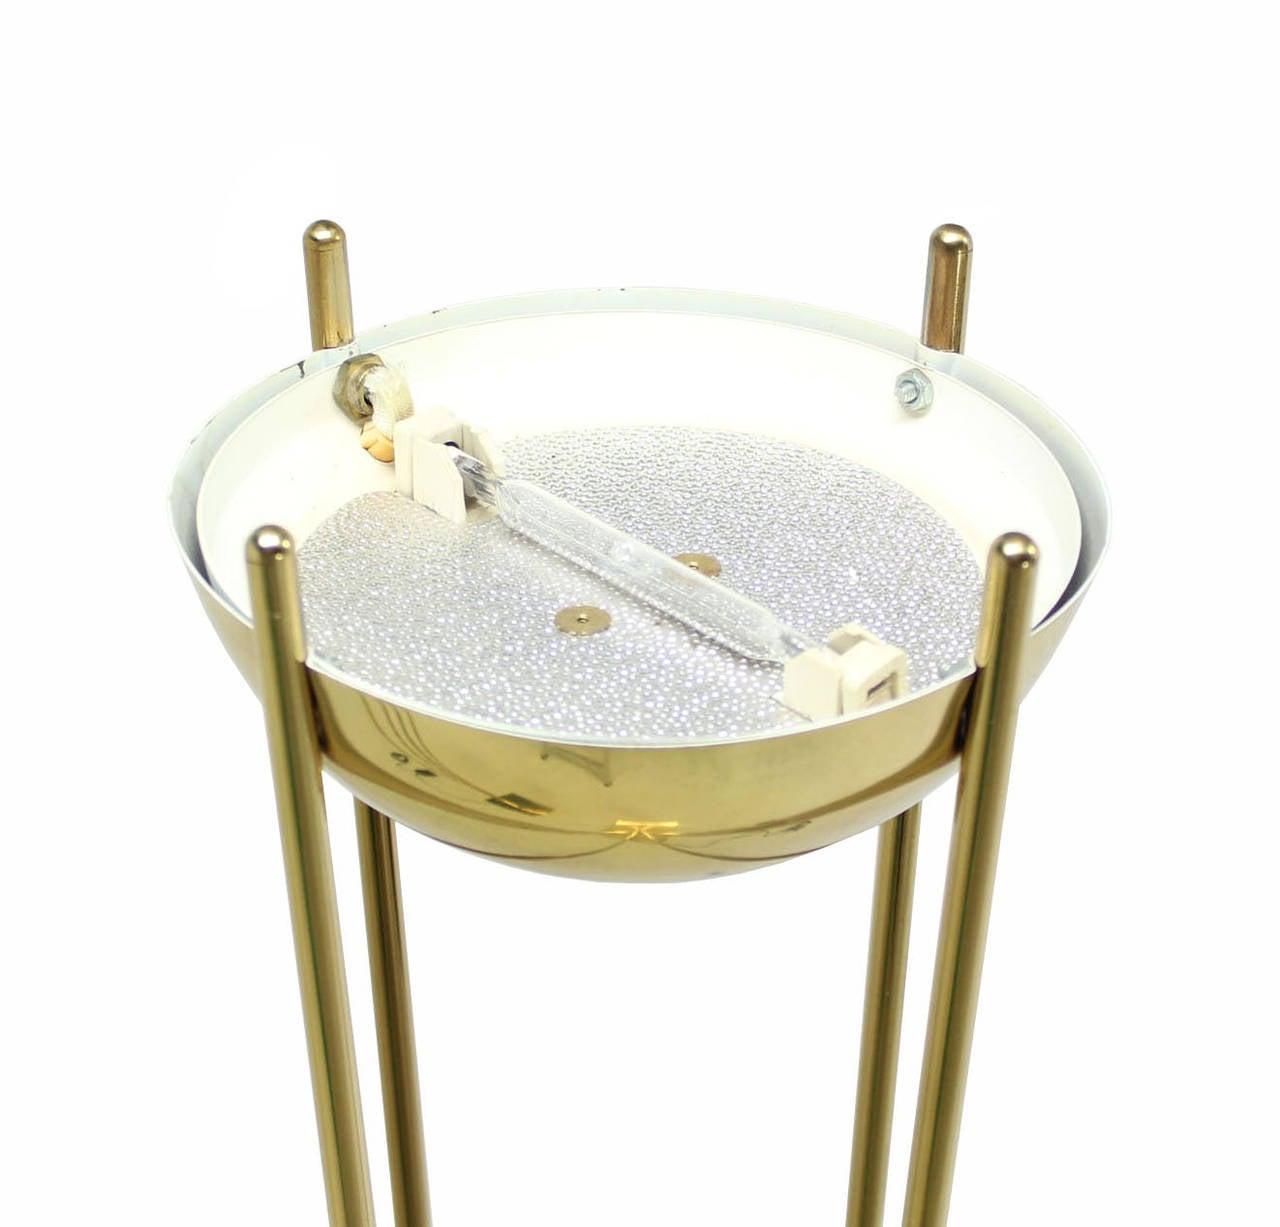 Vtg Brass Floor Lamp: Pair Of Brass Mid-Century Modern Halogen Floor Lamps For